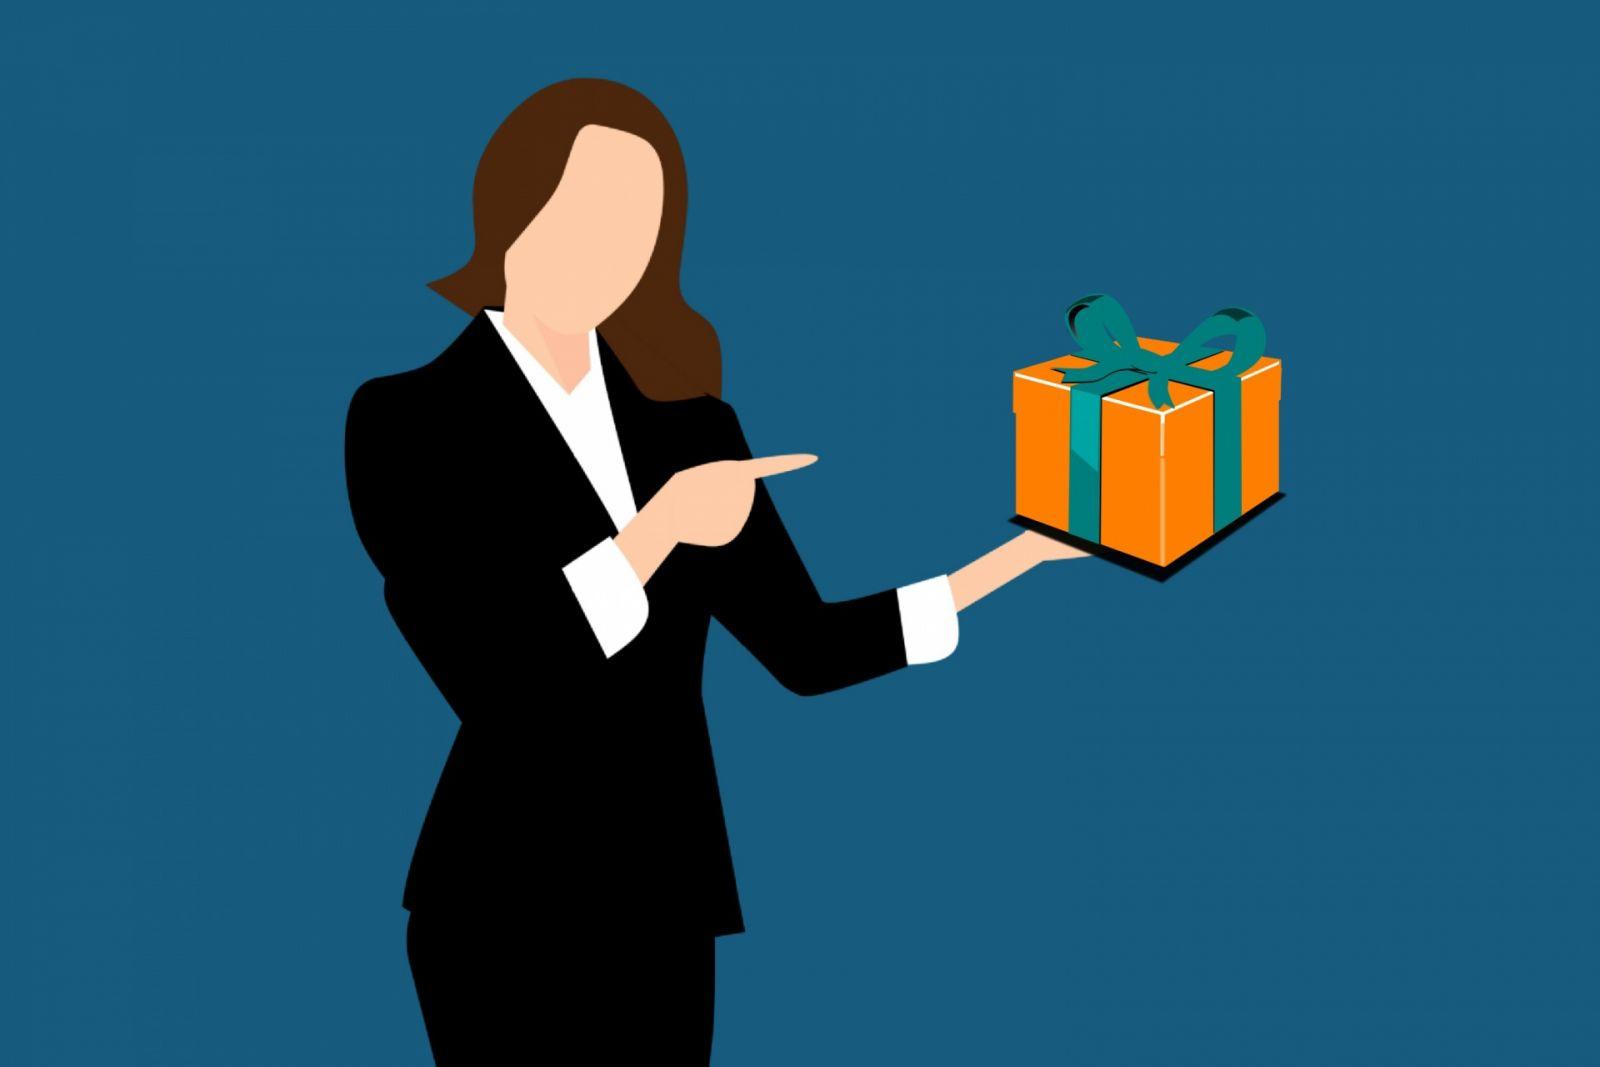 В ст. 727 ГК четко прописаны условия, на основании которых договор о дарении может быть расторгнут. Фото: publicdomainpictures.net